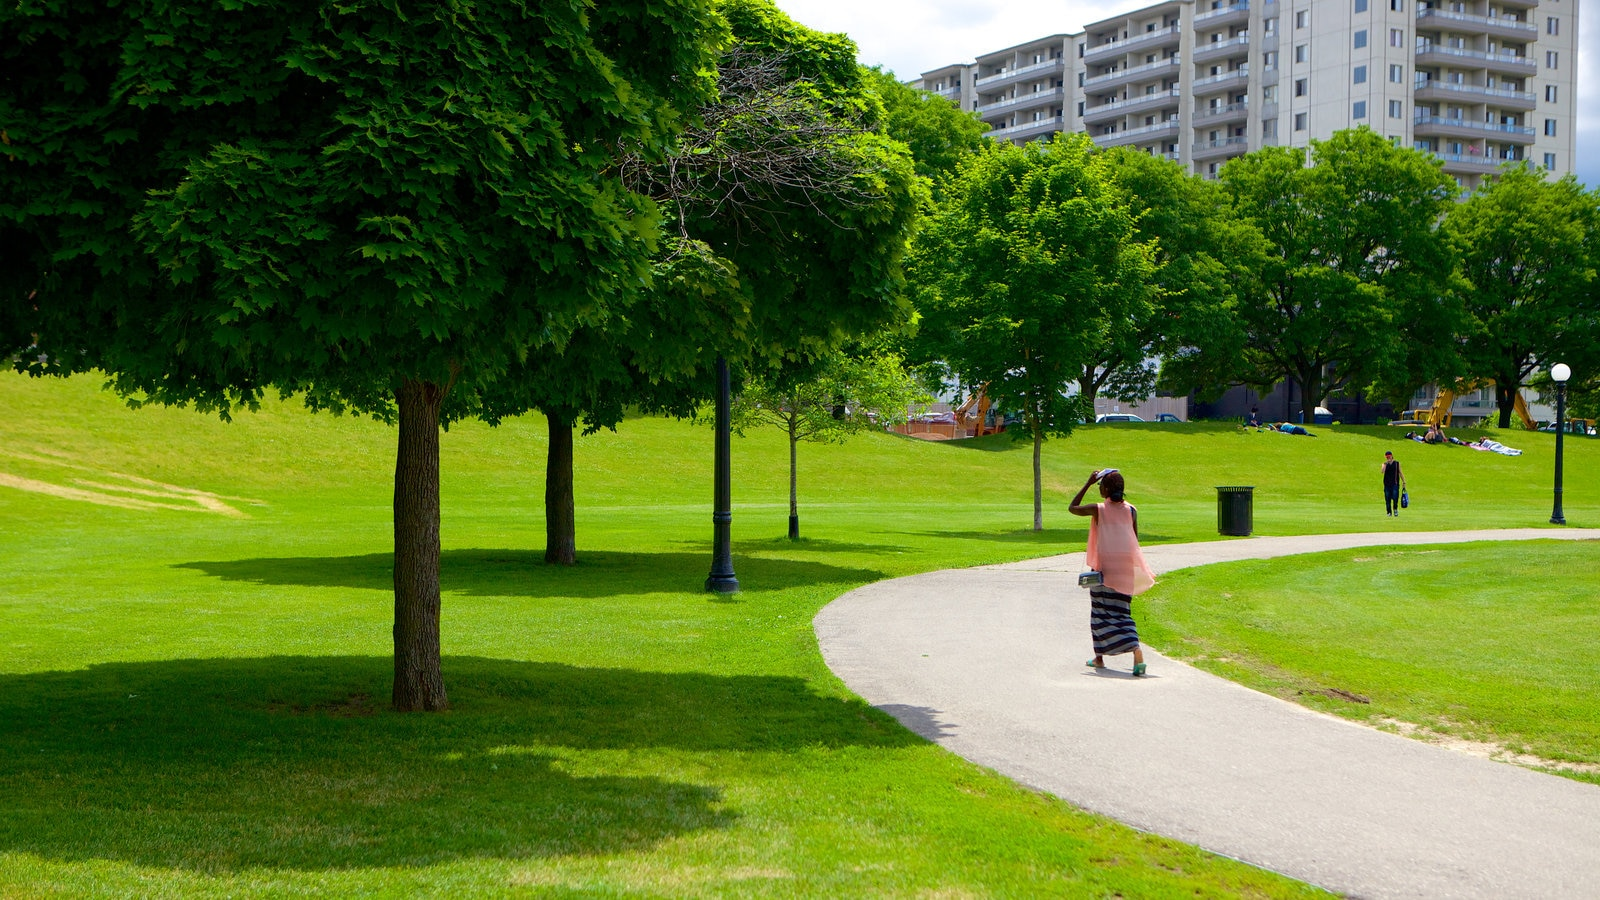 Kitchener mostrando um jardim assim como uma mulher sozinha